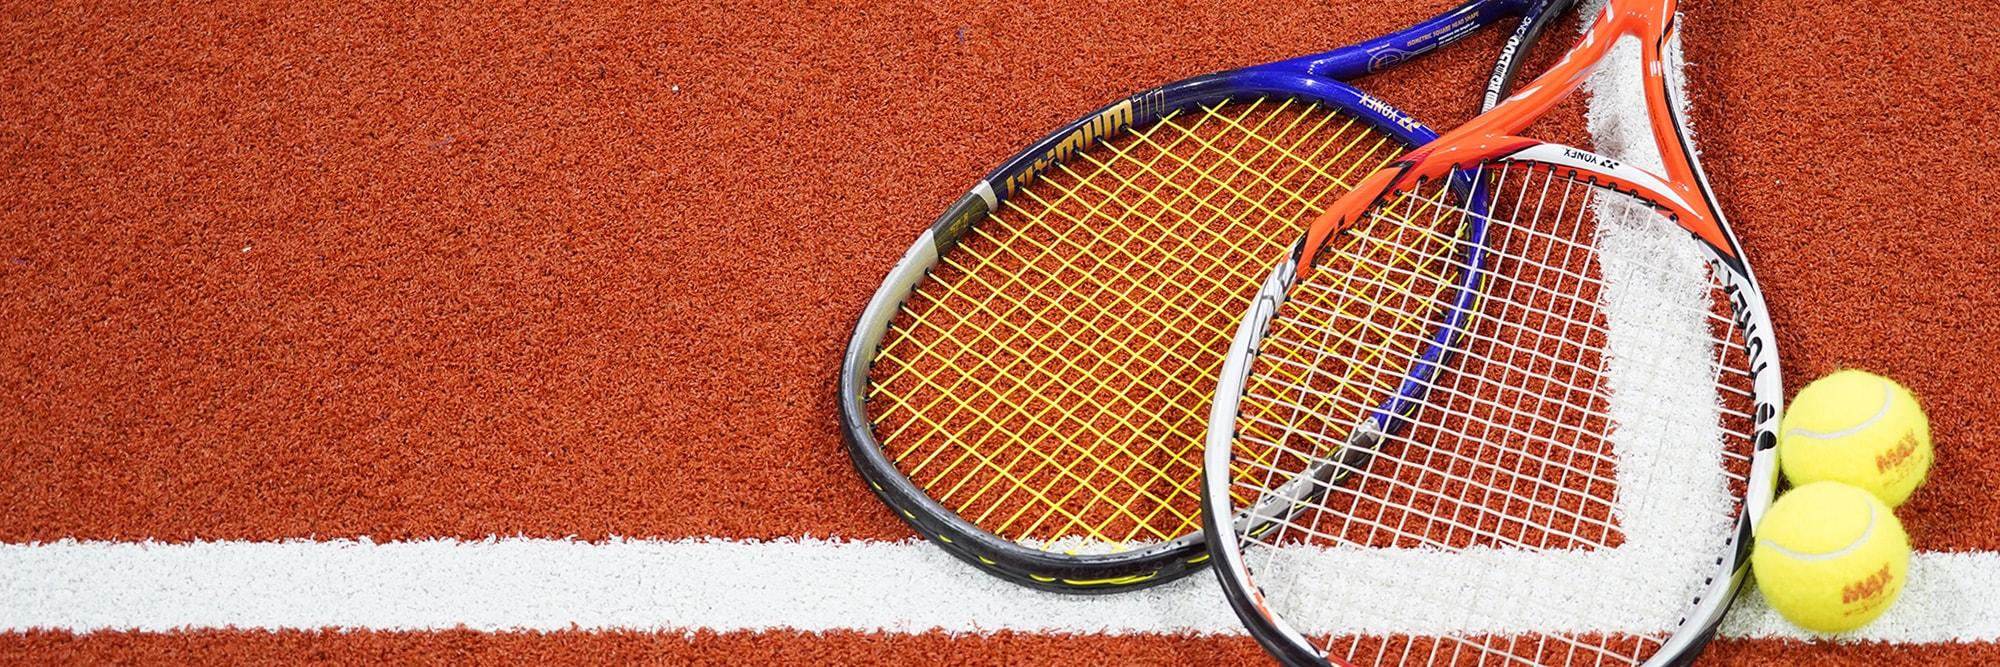 長野市 インドアテニススクール お得に安く